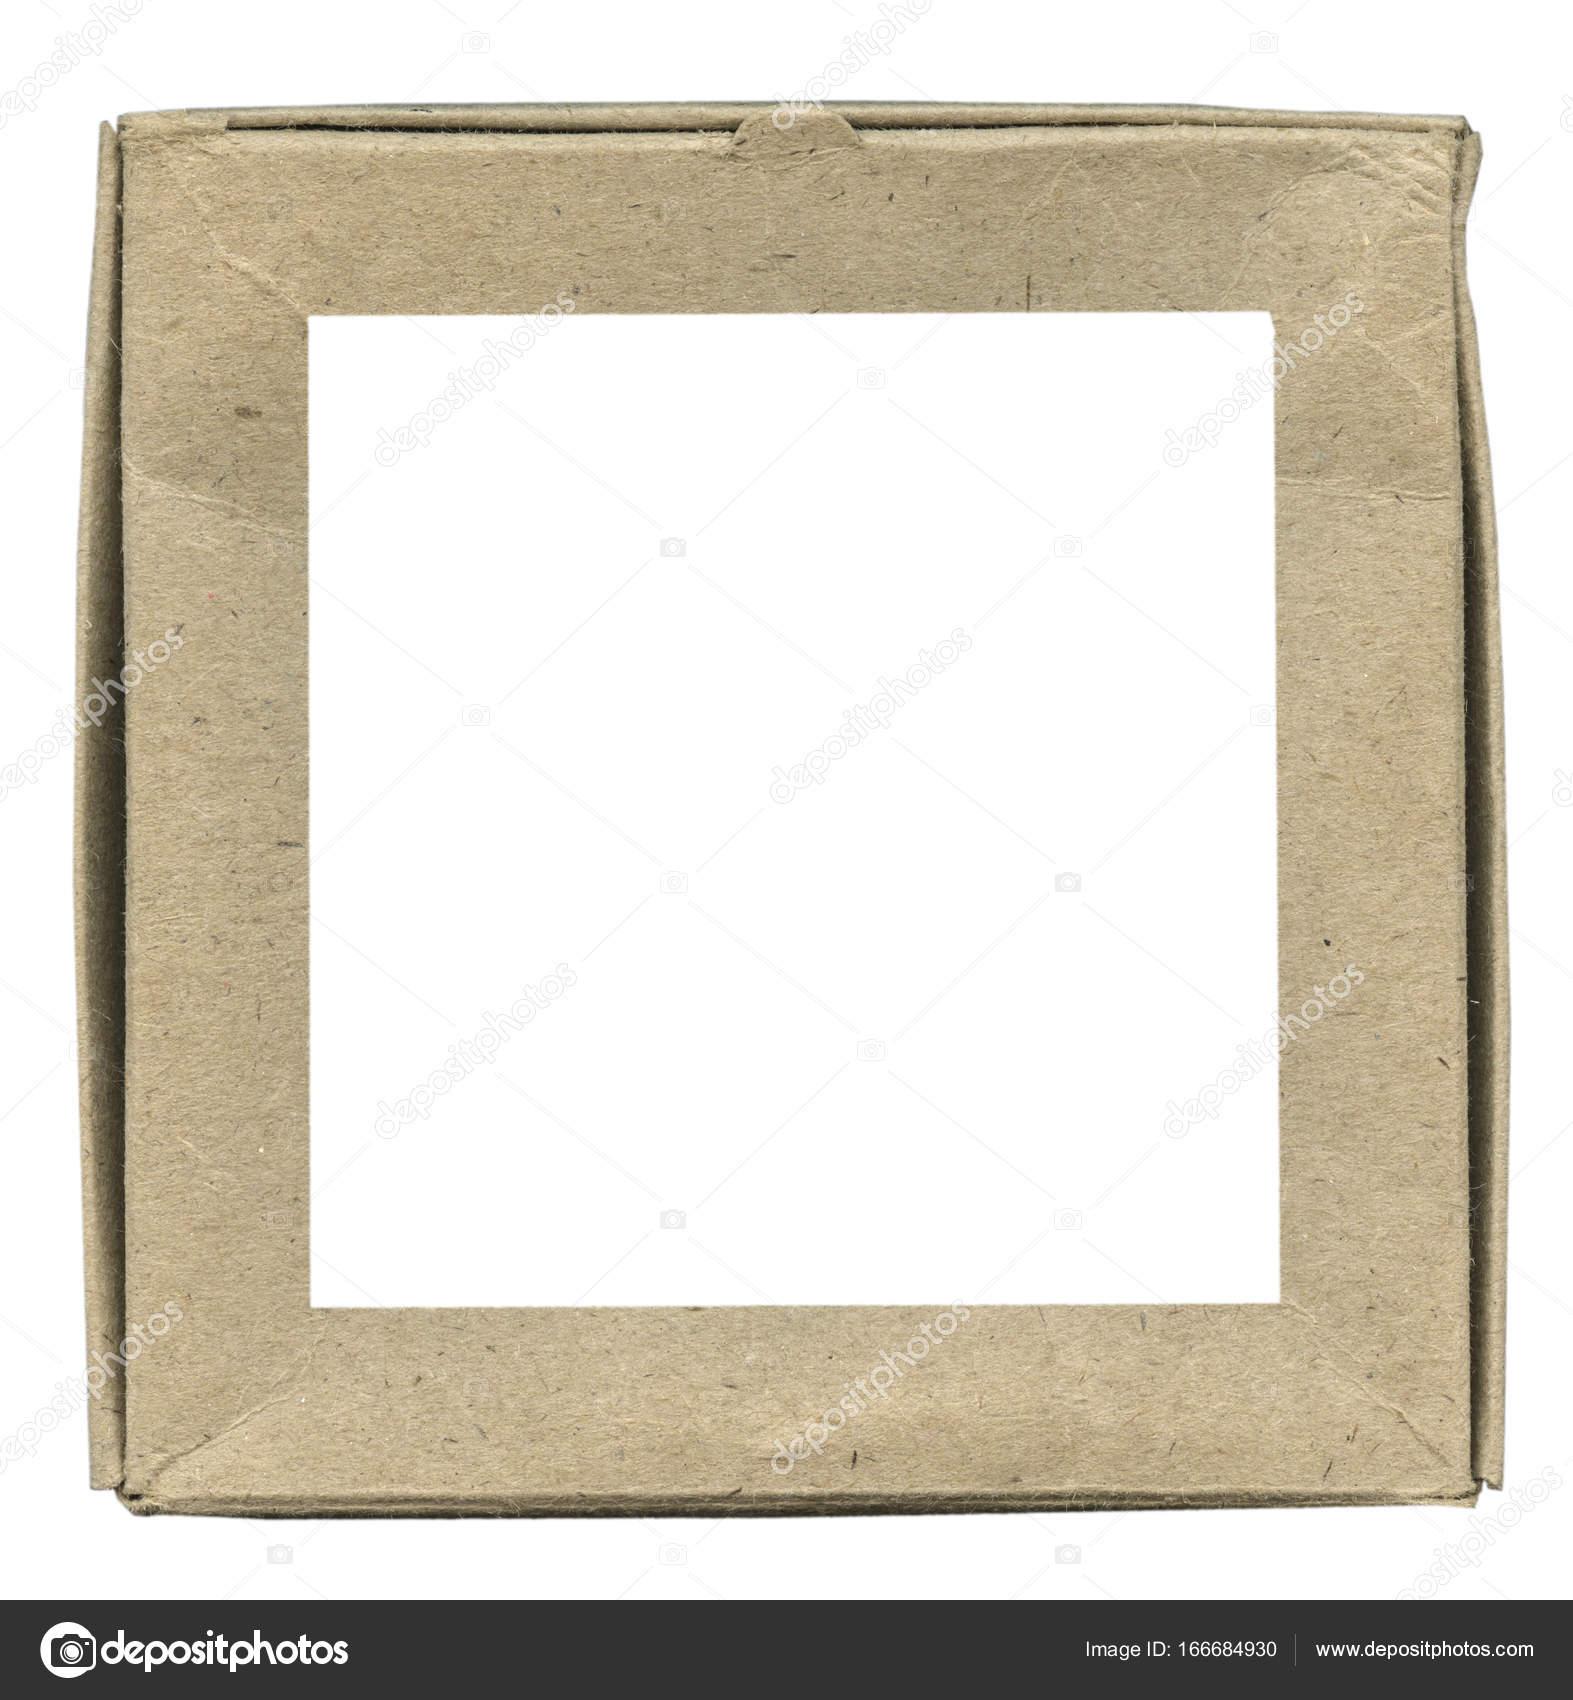 quadratische Papprahmen — Stockfoto © natalt #166684930